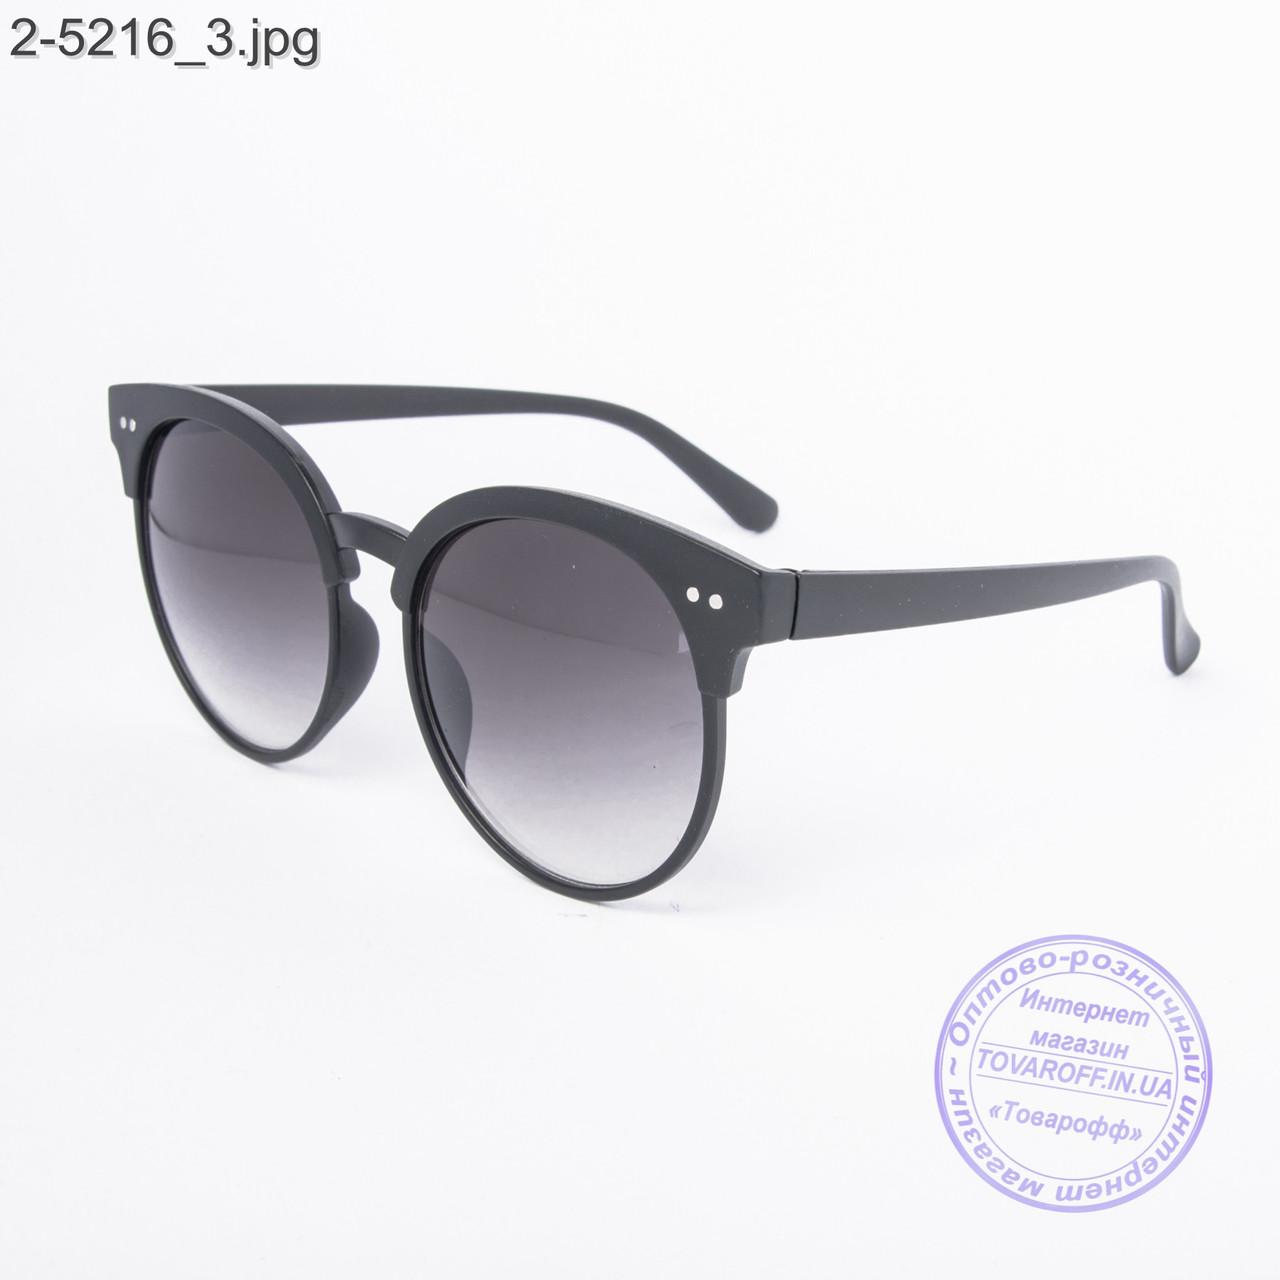 Солнцезащитные очки унисекс черные - 2-5216 - купить по лучшей цене ... 98095fbaec0